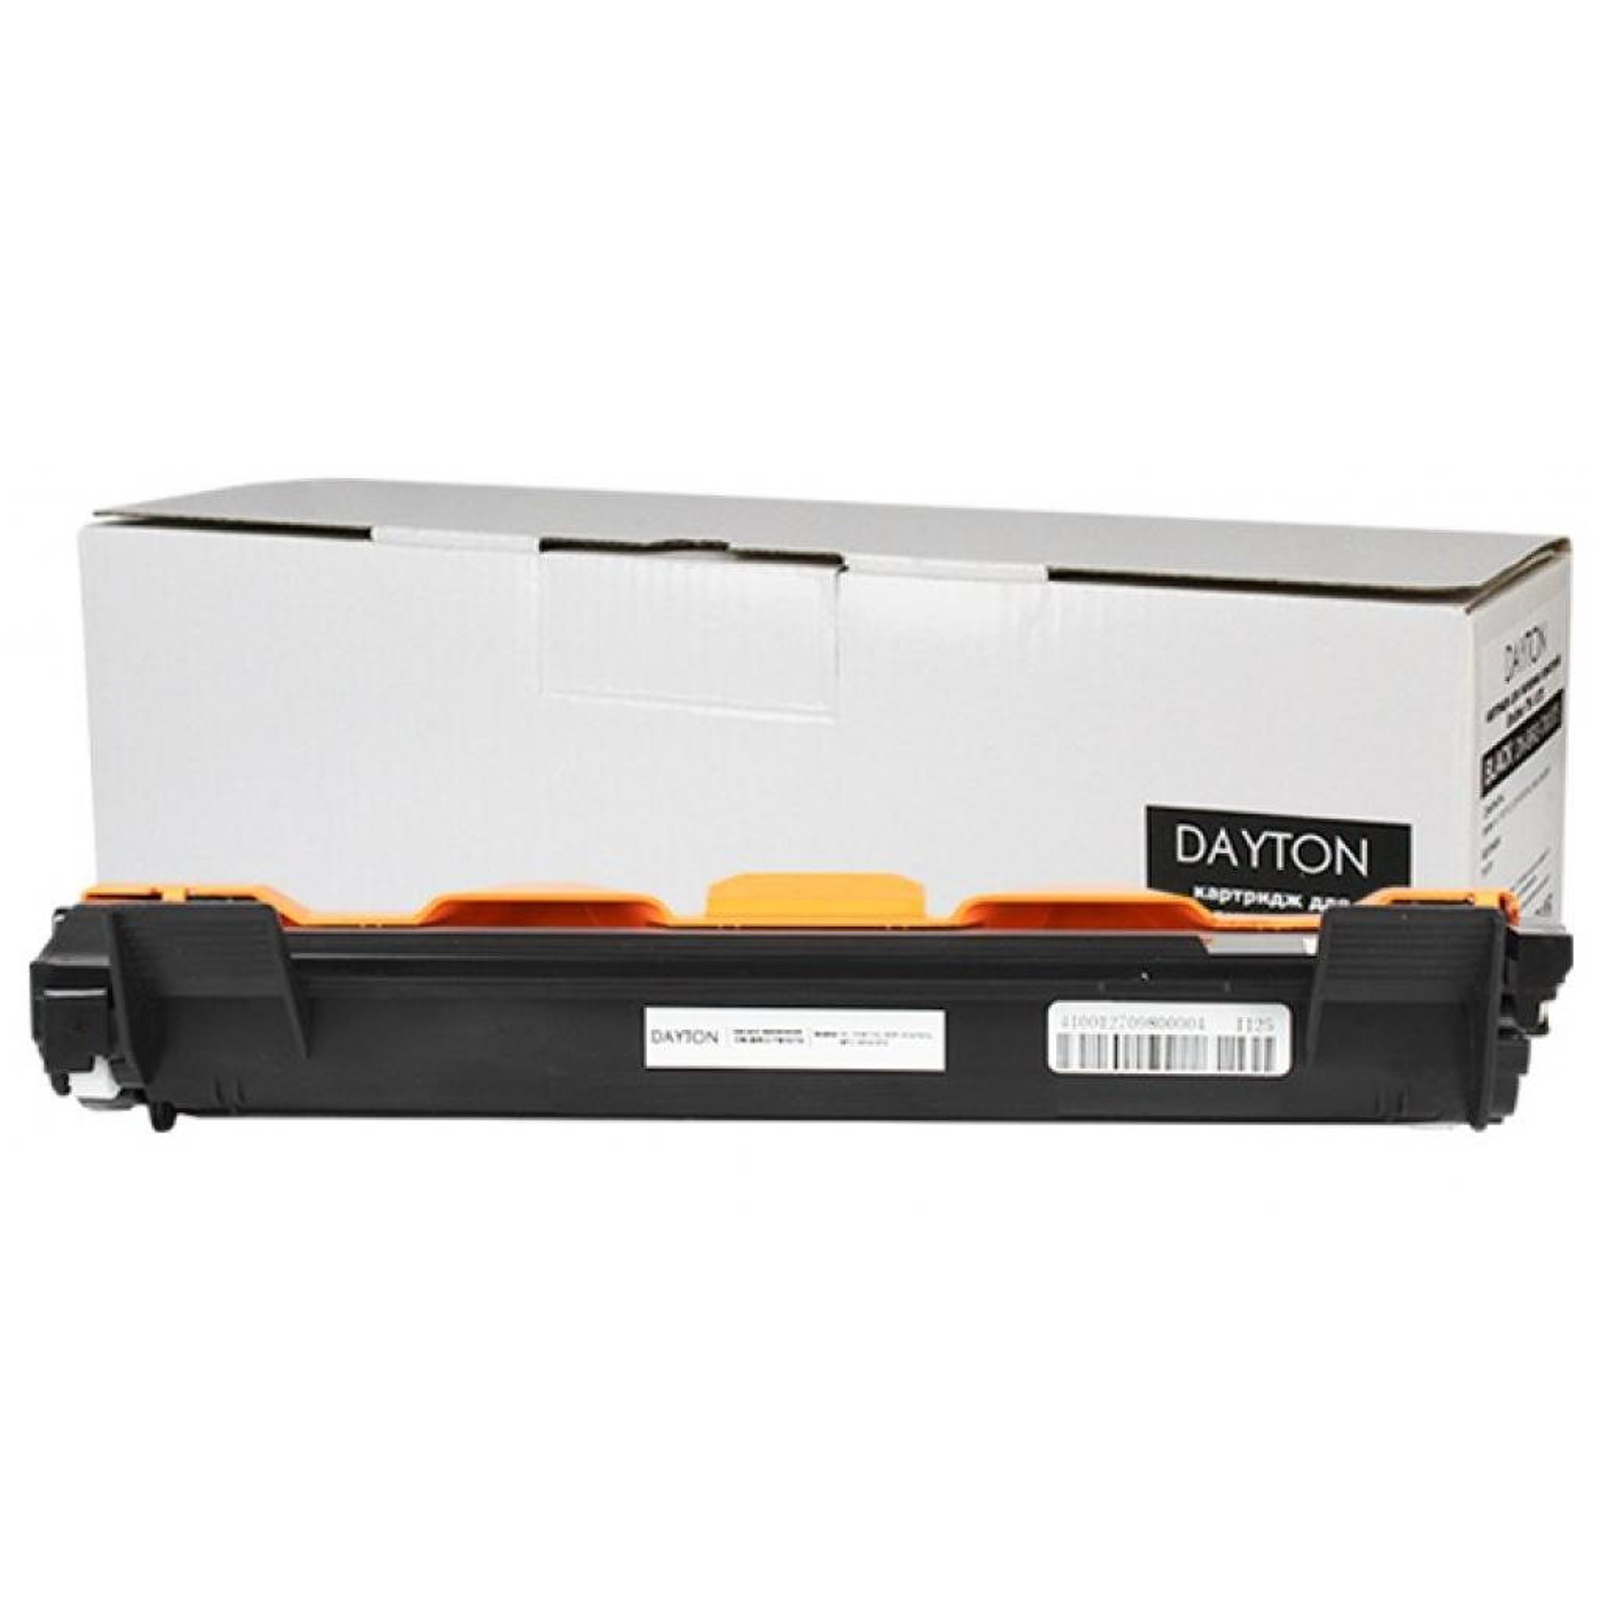 Картридж Dayton BrotherTN-10751k (DN-BRO-TN1075)